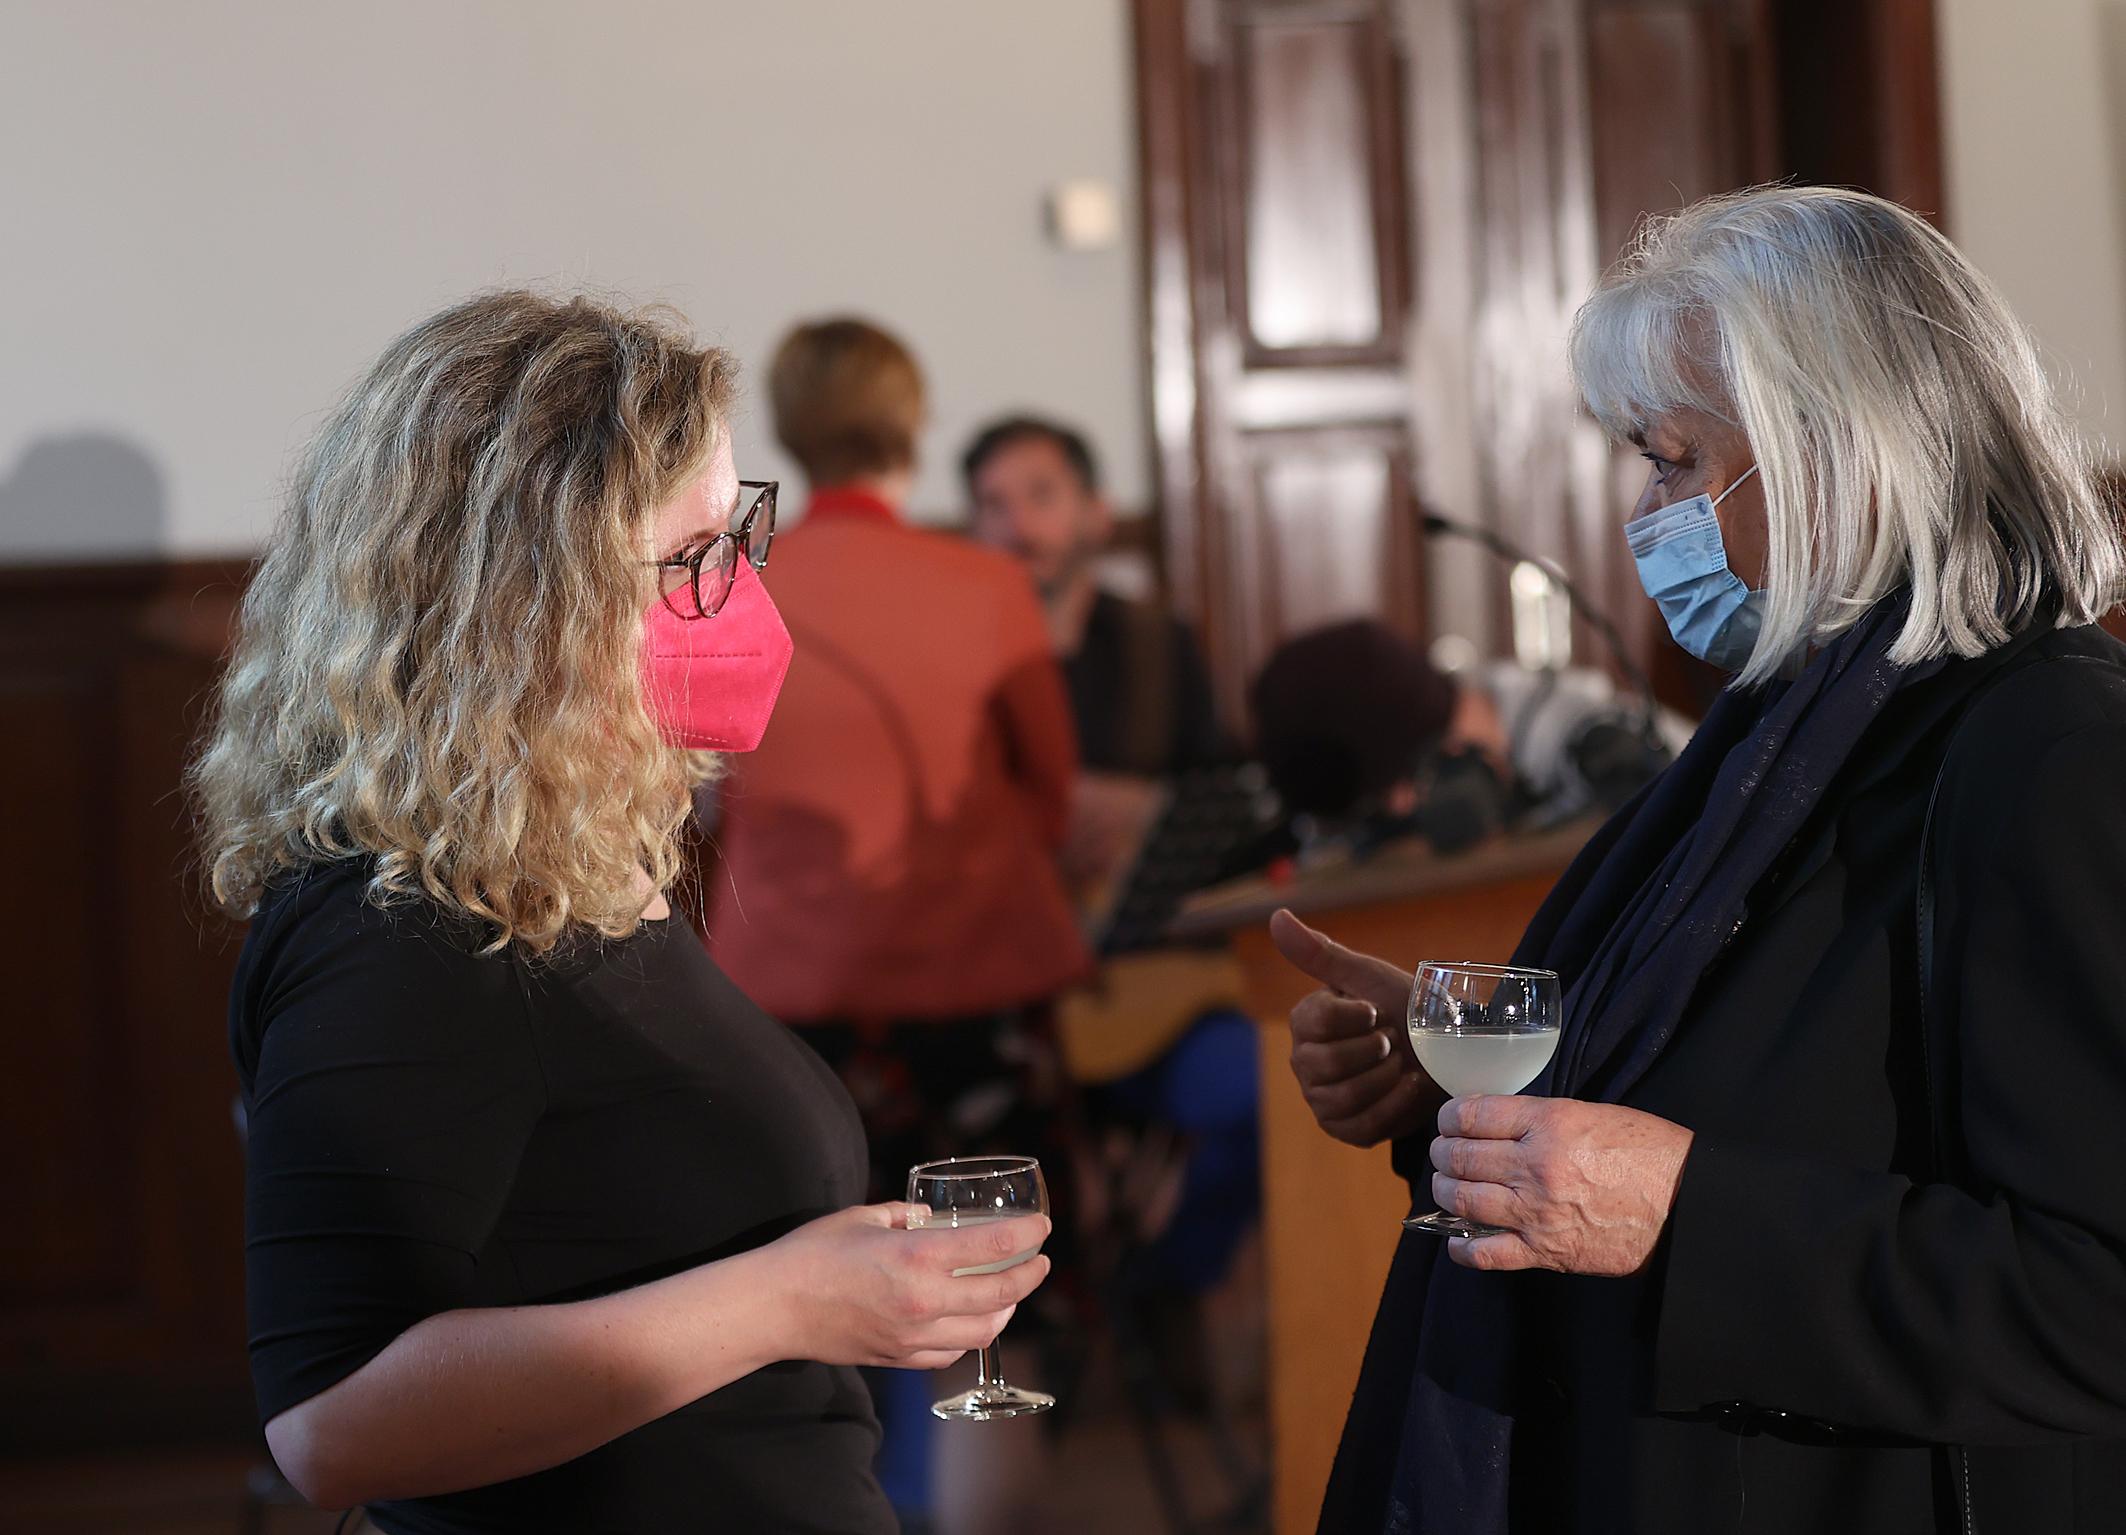 29.08.2021 Empfang aus Flensburg Sonja Reese-Brauers und Nora Malles